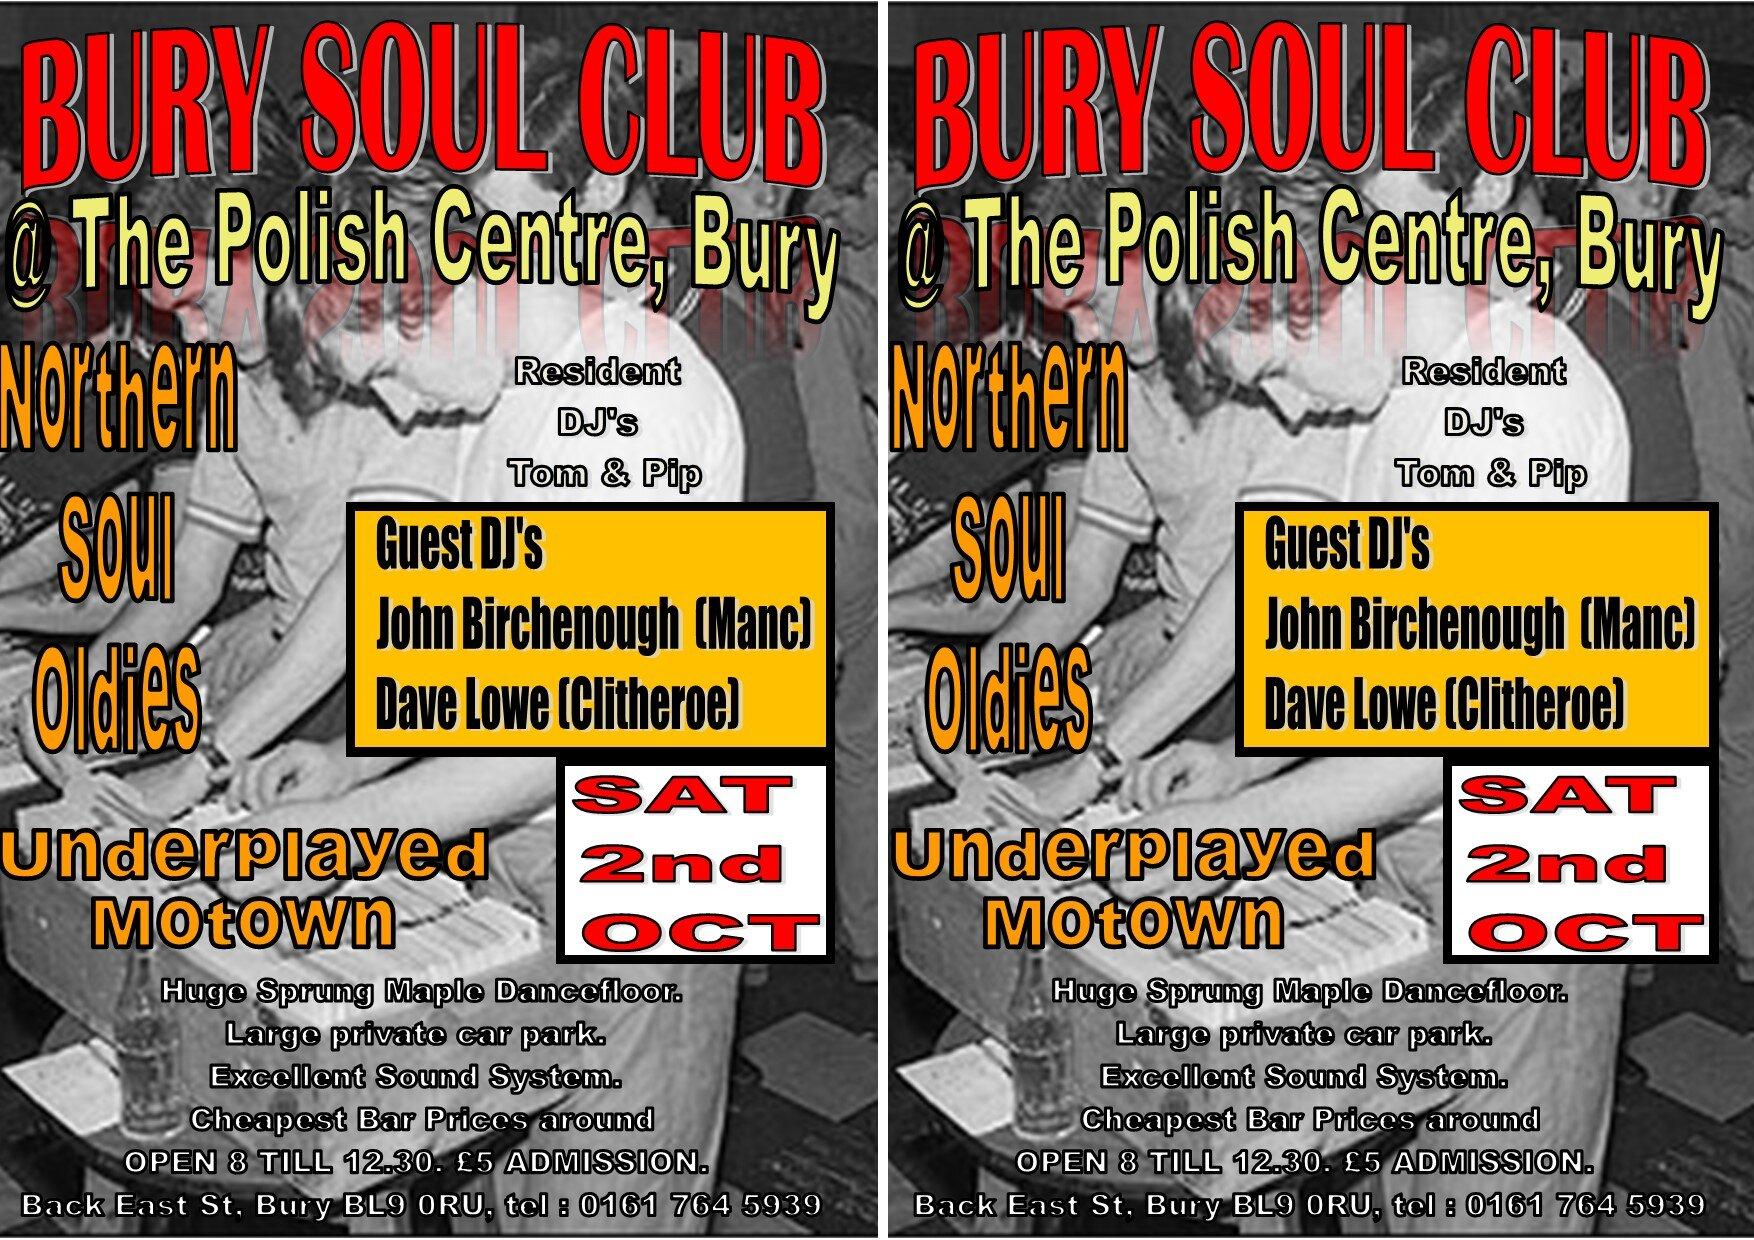 Bury Soul Club  The Polish Centre Bury flyer